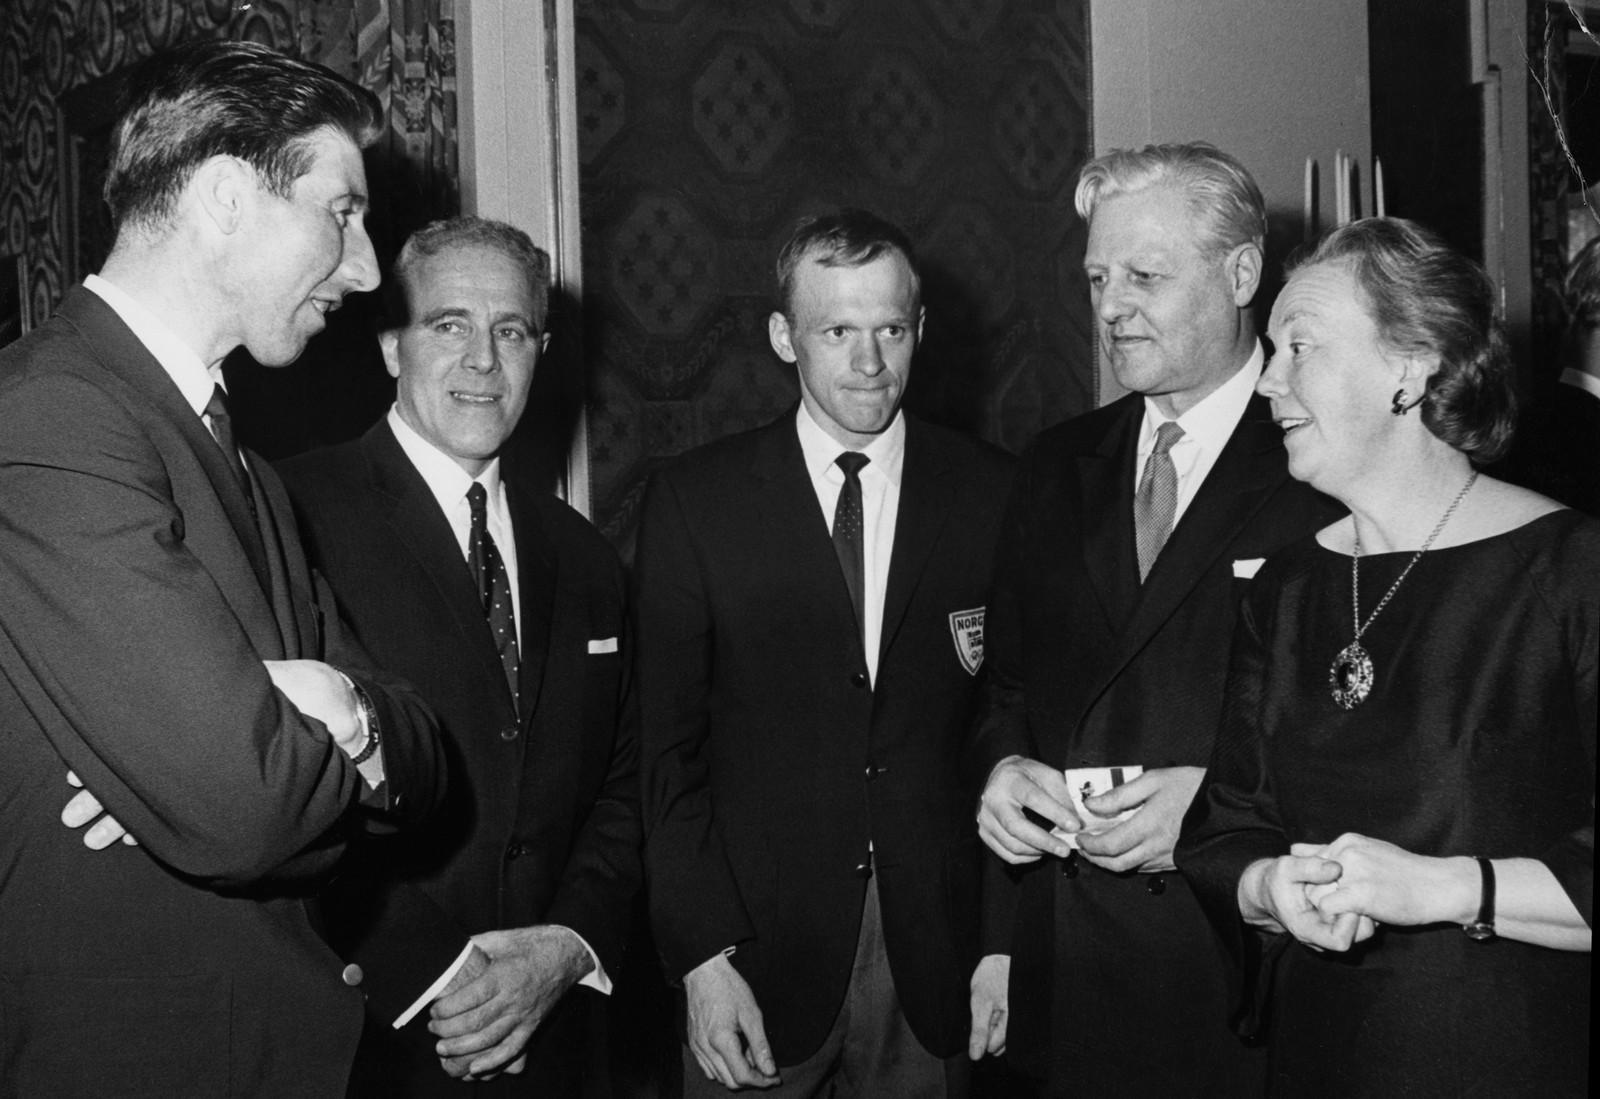 Statsminister for den borgerlige regjeringen, 1965-1971, Per Borten (SP) møter skiessene Harald Grønningen og Pål Tyldum, sammen med regjeringskollega John Lyng og fruen, under en mottagelse for OL-troppen etter OL i Grenoble, der herrene tok gull på stafetten, og Grønningen gull på 15 km.